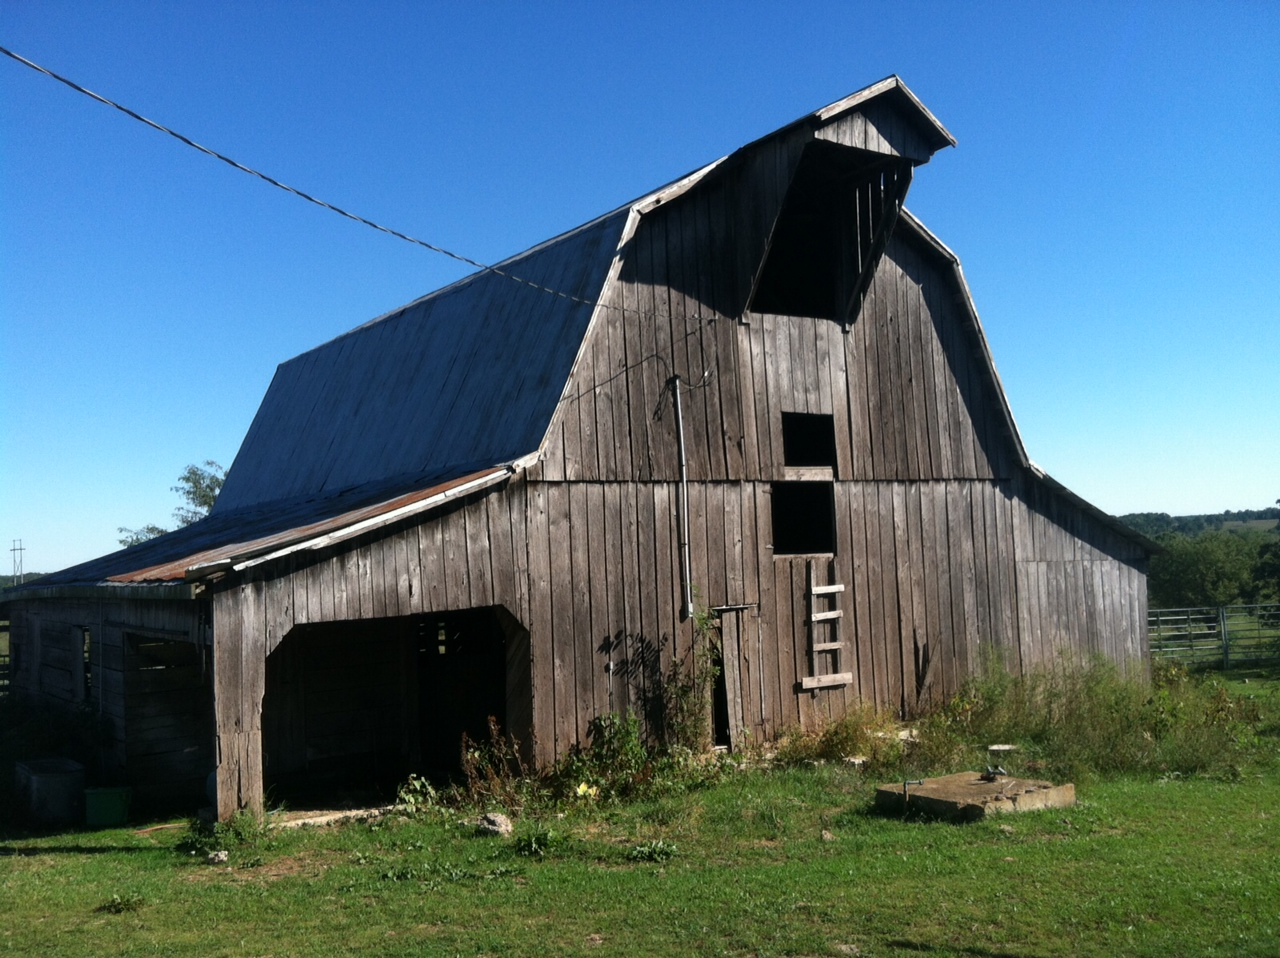 The Rockin K Barn